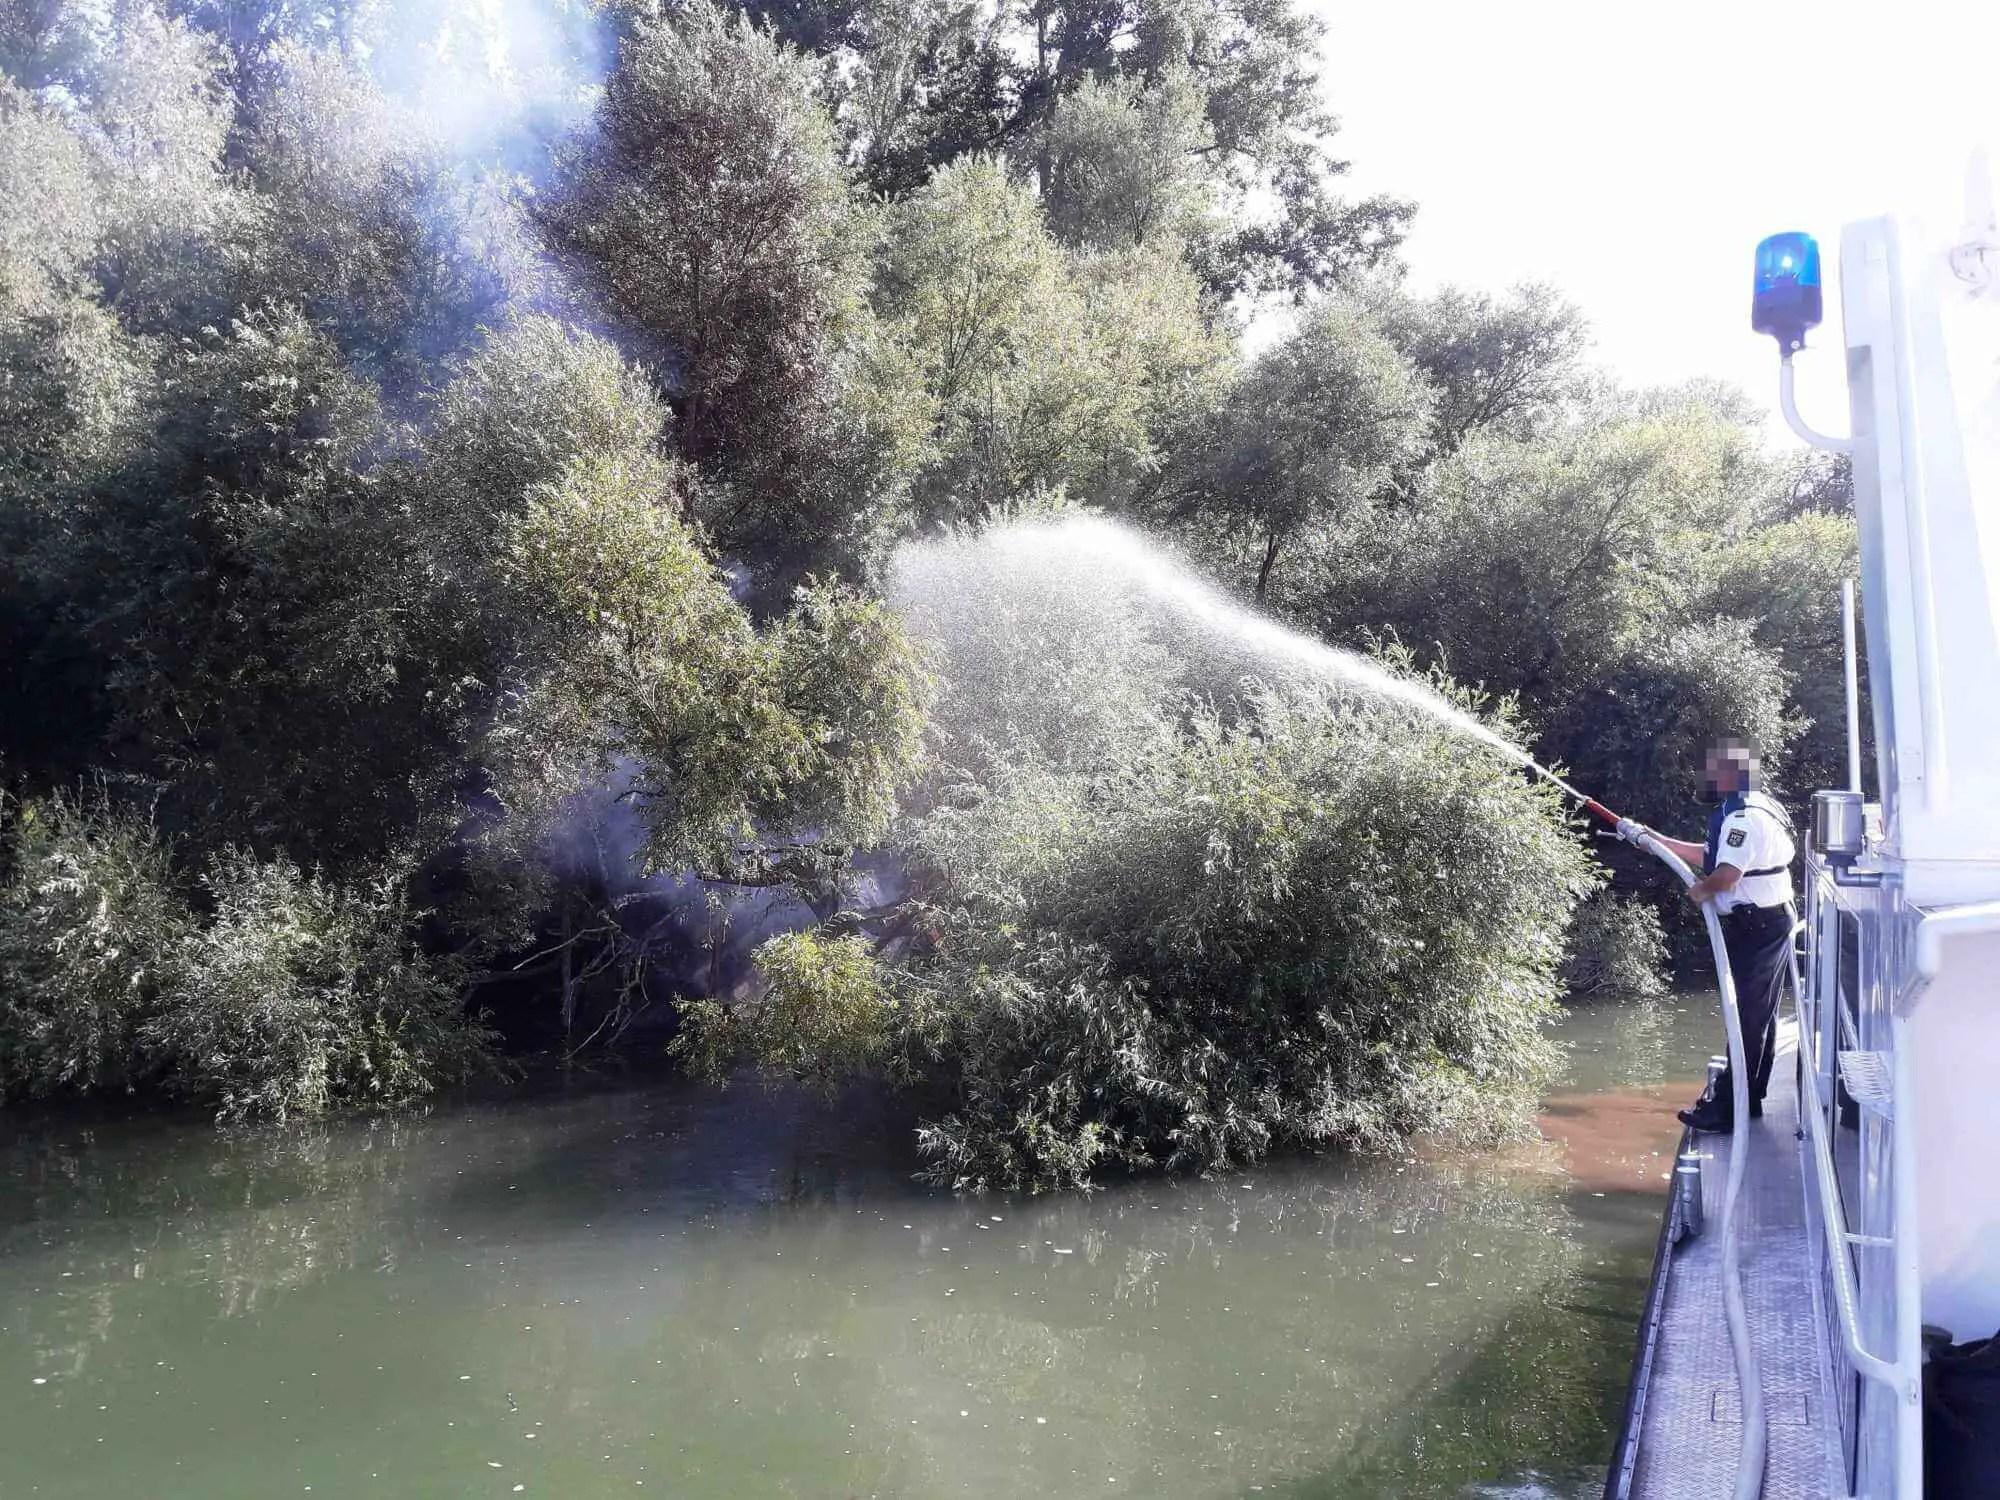 Feuerlöscheinsatz der Germersheimer Wasserschutzpolizei